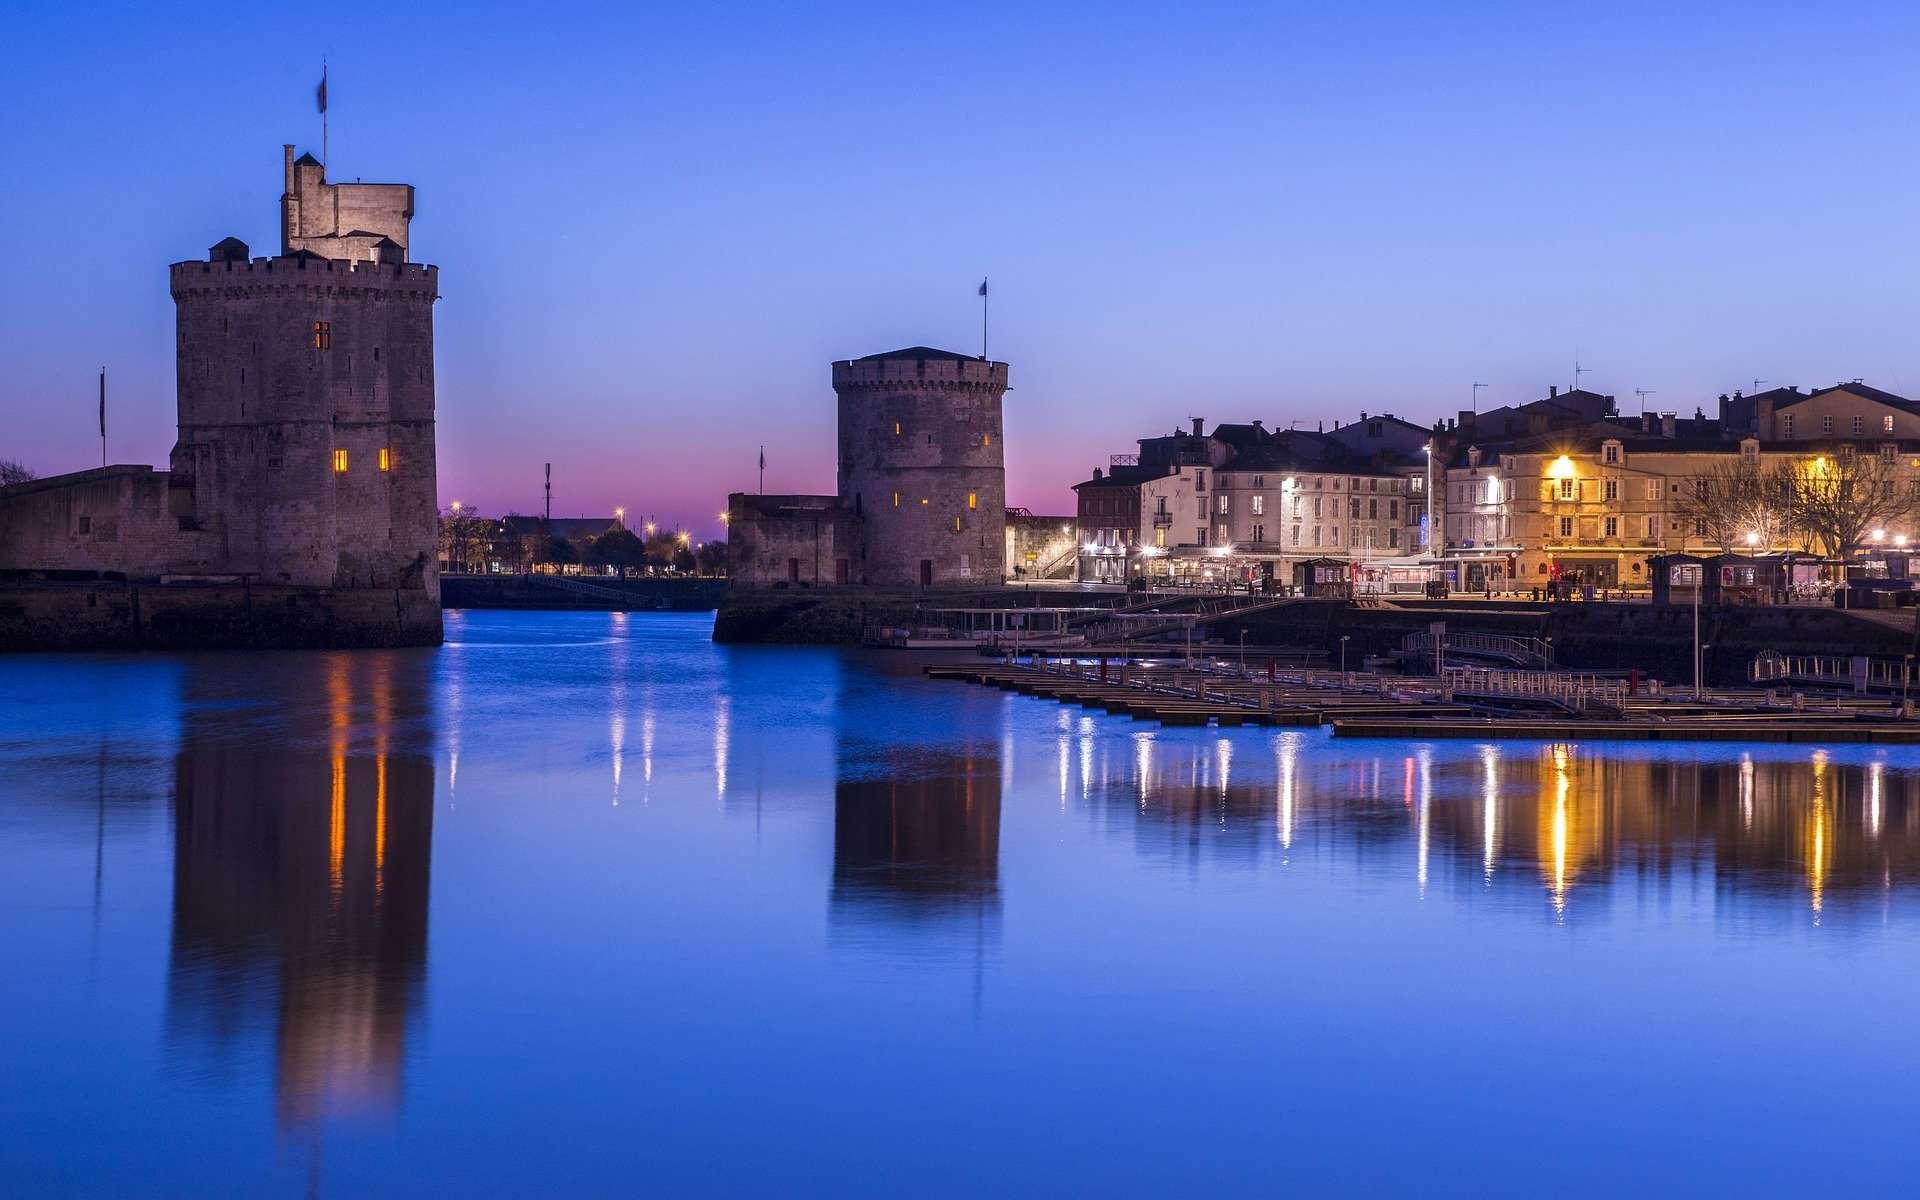 La mairie de La Rochelle est paralysée depuis plusieurs jours en raison d'une attaque informatique. © Franck Rocheteau, Pixabay